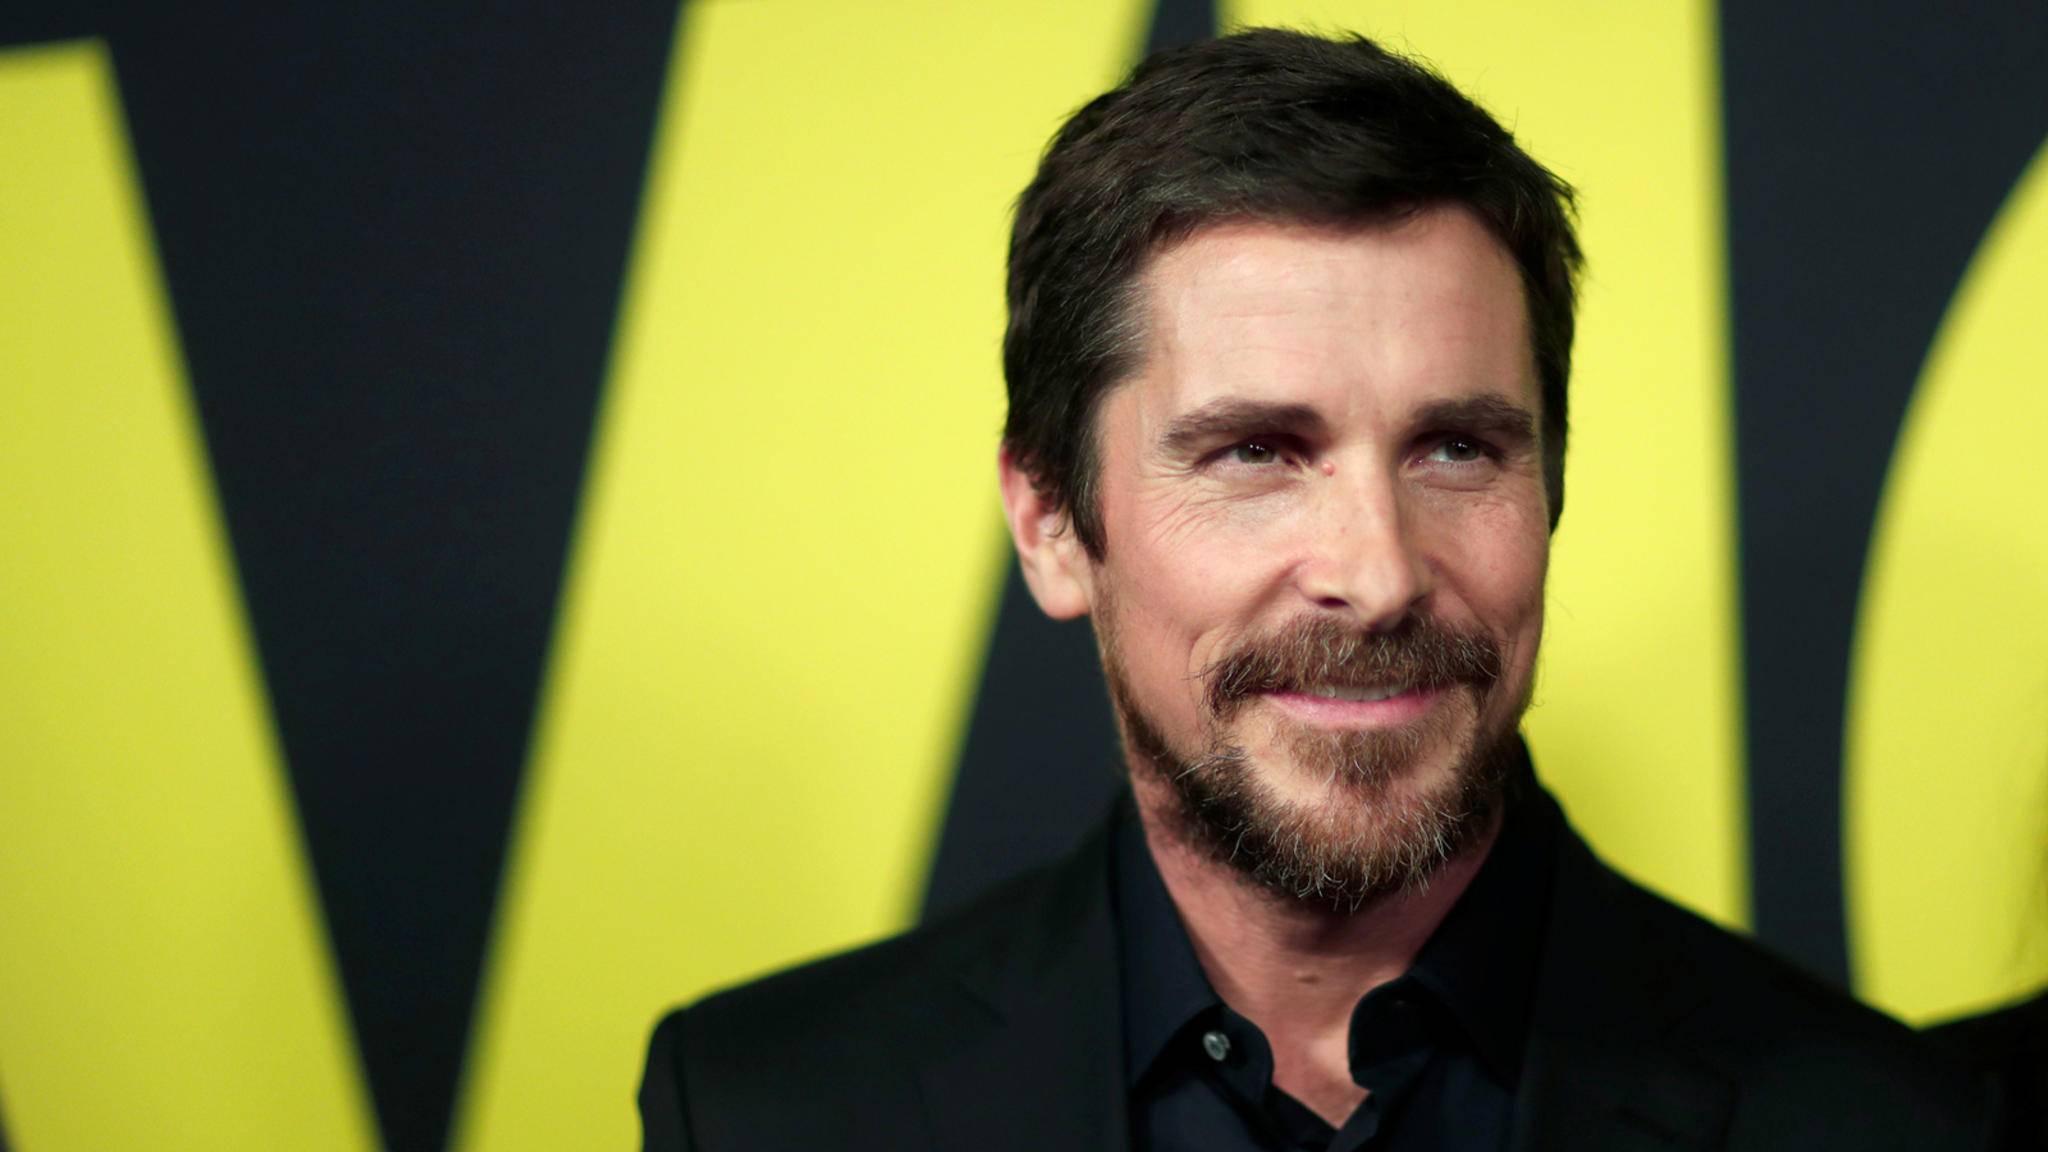 Ob dick oder dünn oder ein echtes Muskelpaket: Christian Bale ist mit vollem Körpereinsatz dabei.